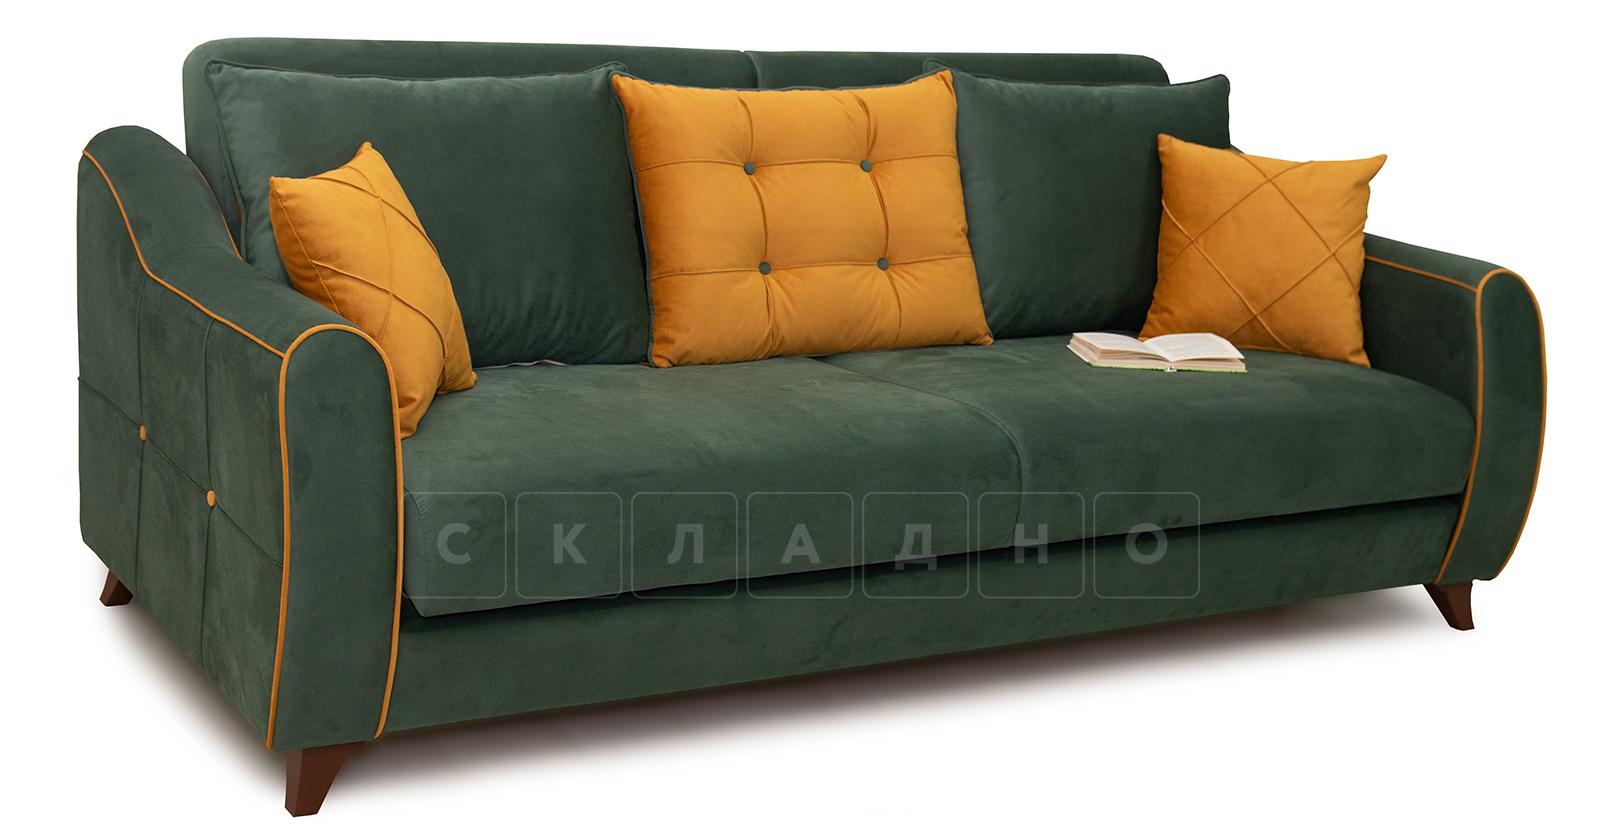 Диван-кровать Флэтфорд нефритовый зеленый фото 6   интернет-магазин Складно